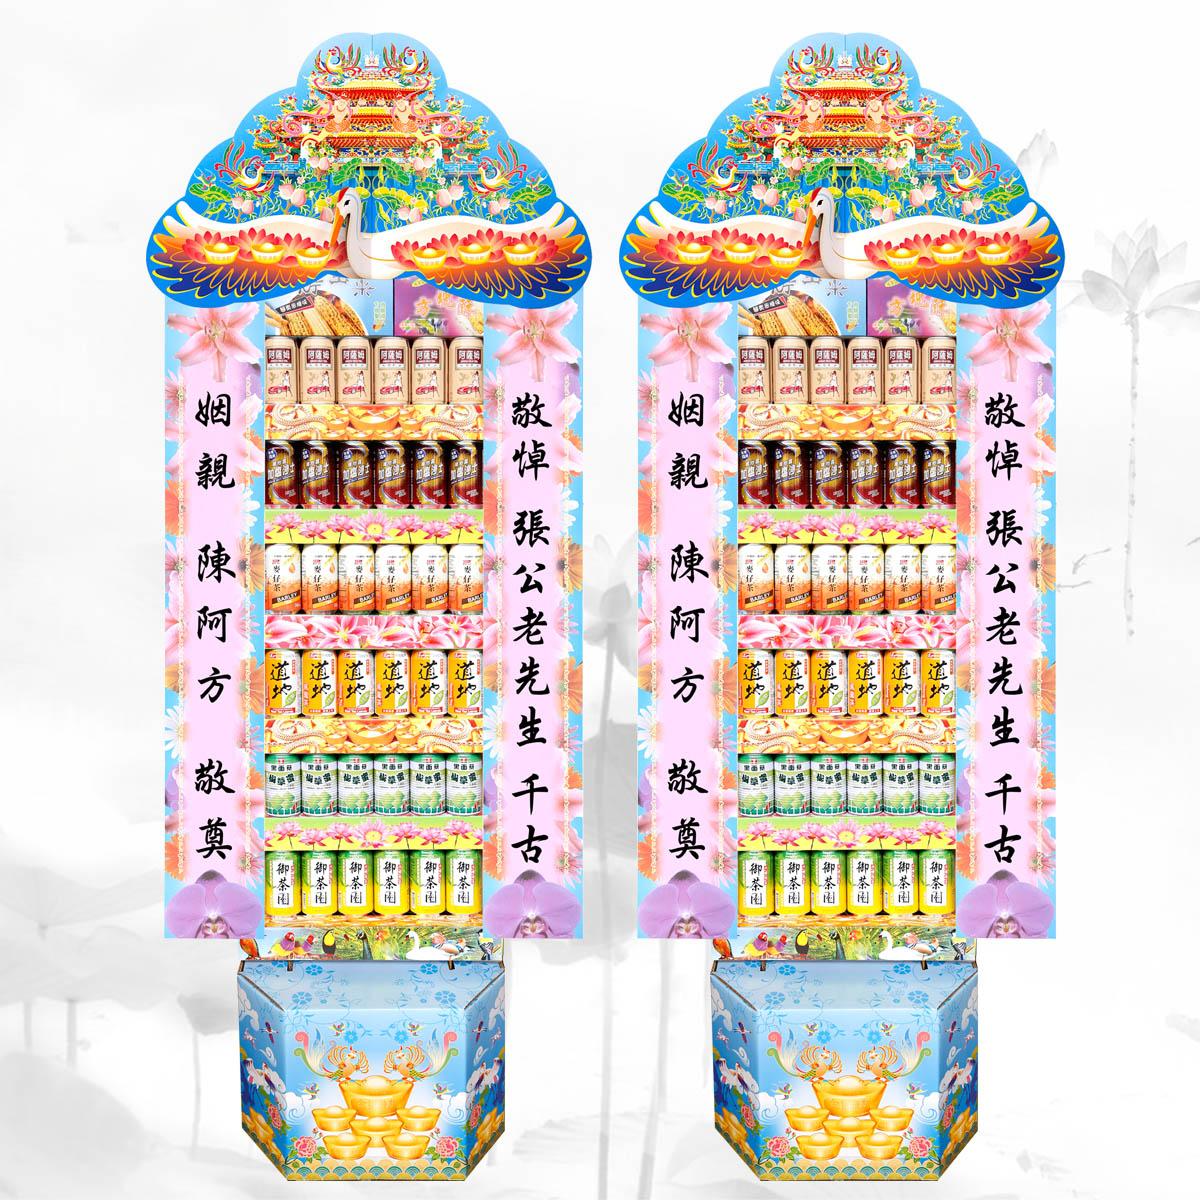 喪禮用罐頭塔-6x6 一般飲料罐頭禮籃